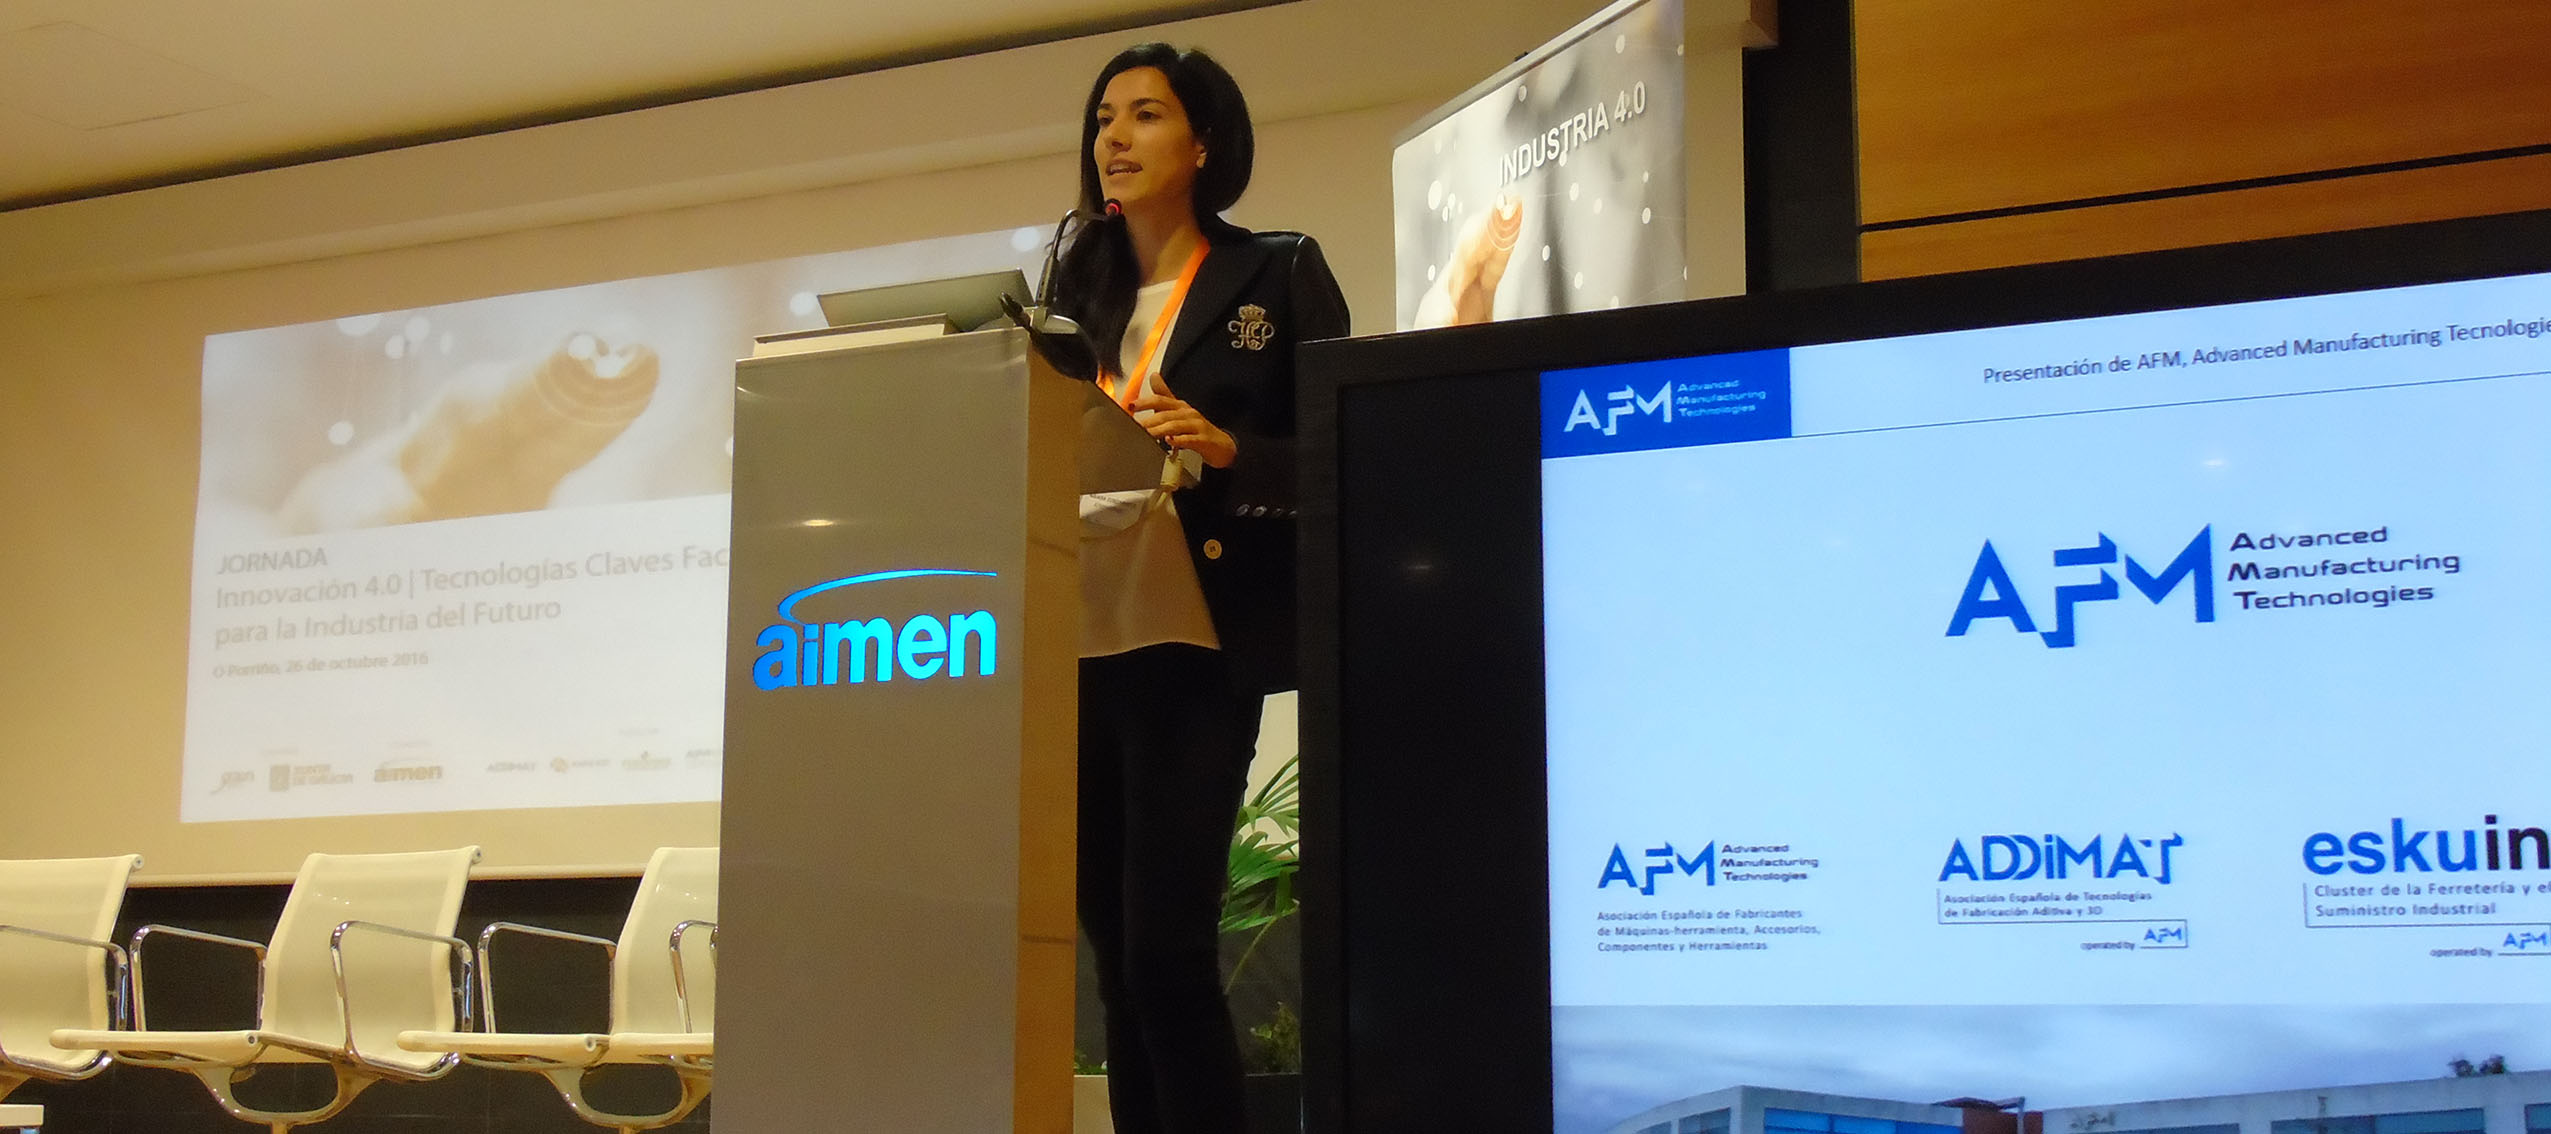 ADDIMAT participó en la jornada innovación 4.0 – Tecnologías Clave Facilitadoras (KETS) para la industria del futuro